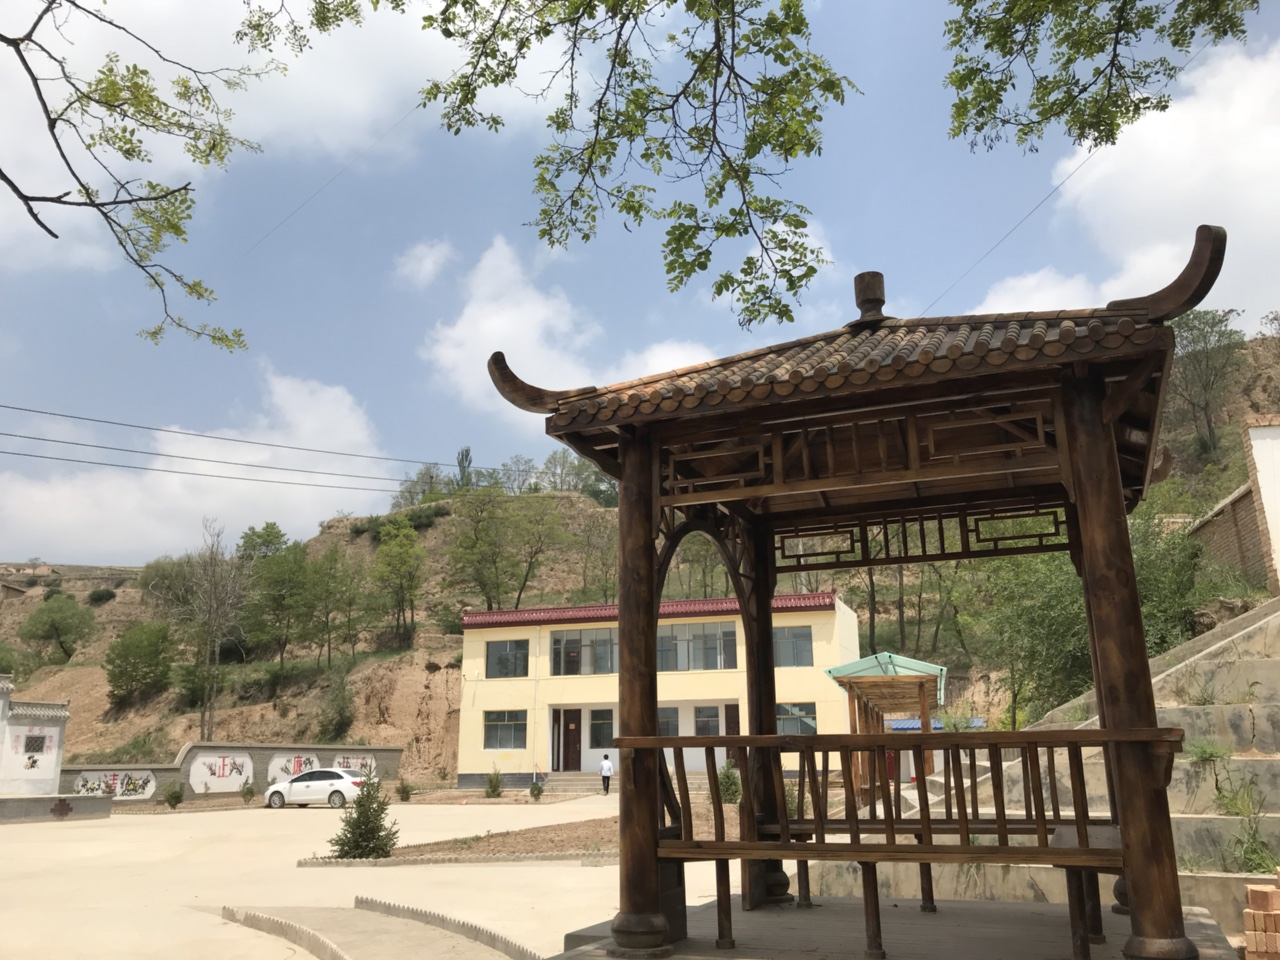 【文化惠民】马关镇八杜村综合文化服务中心风�